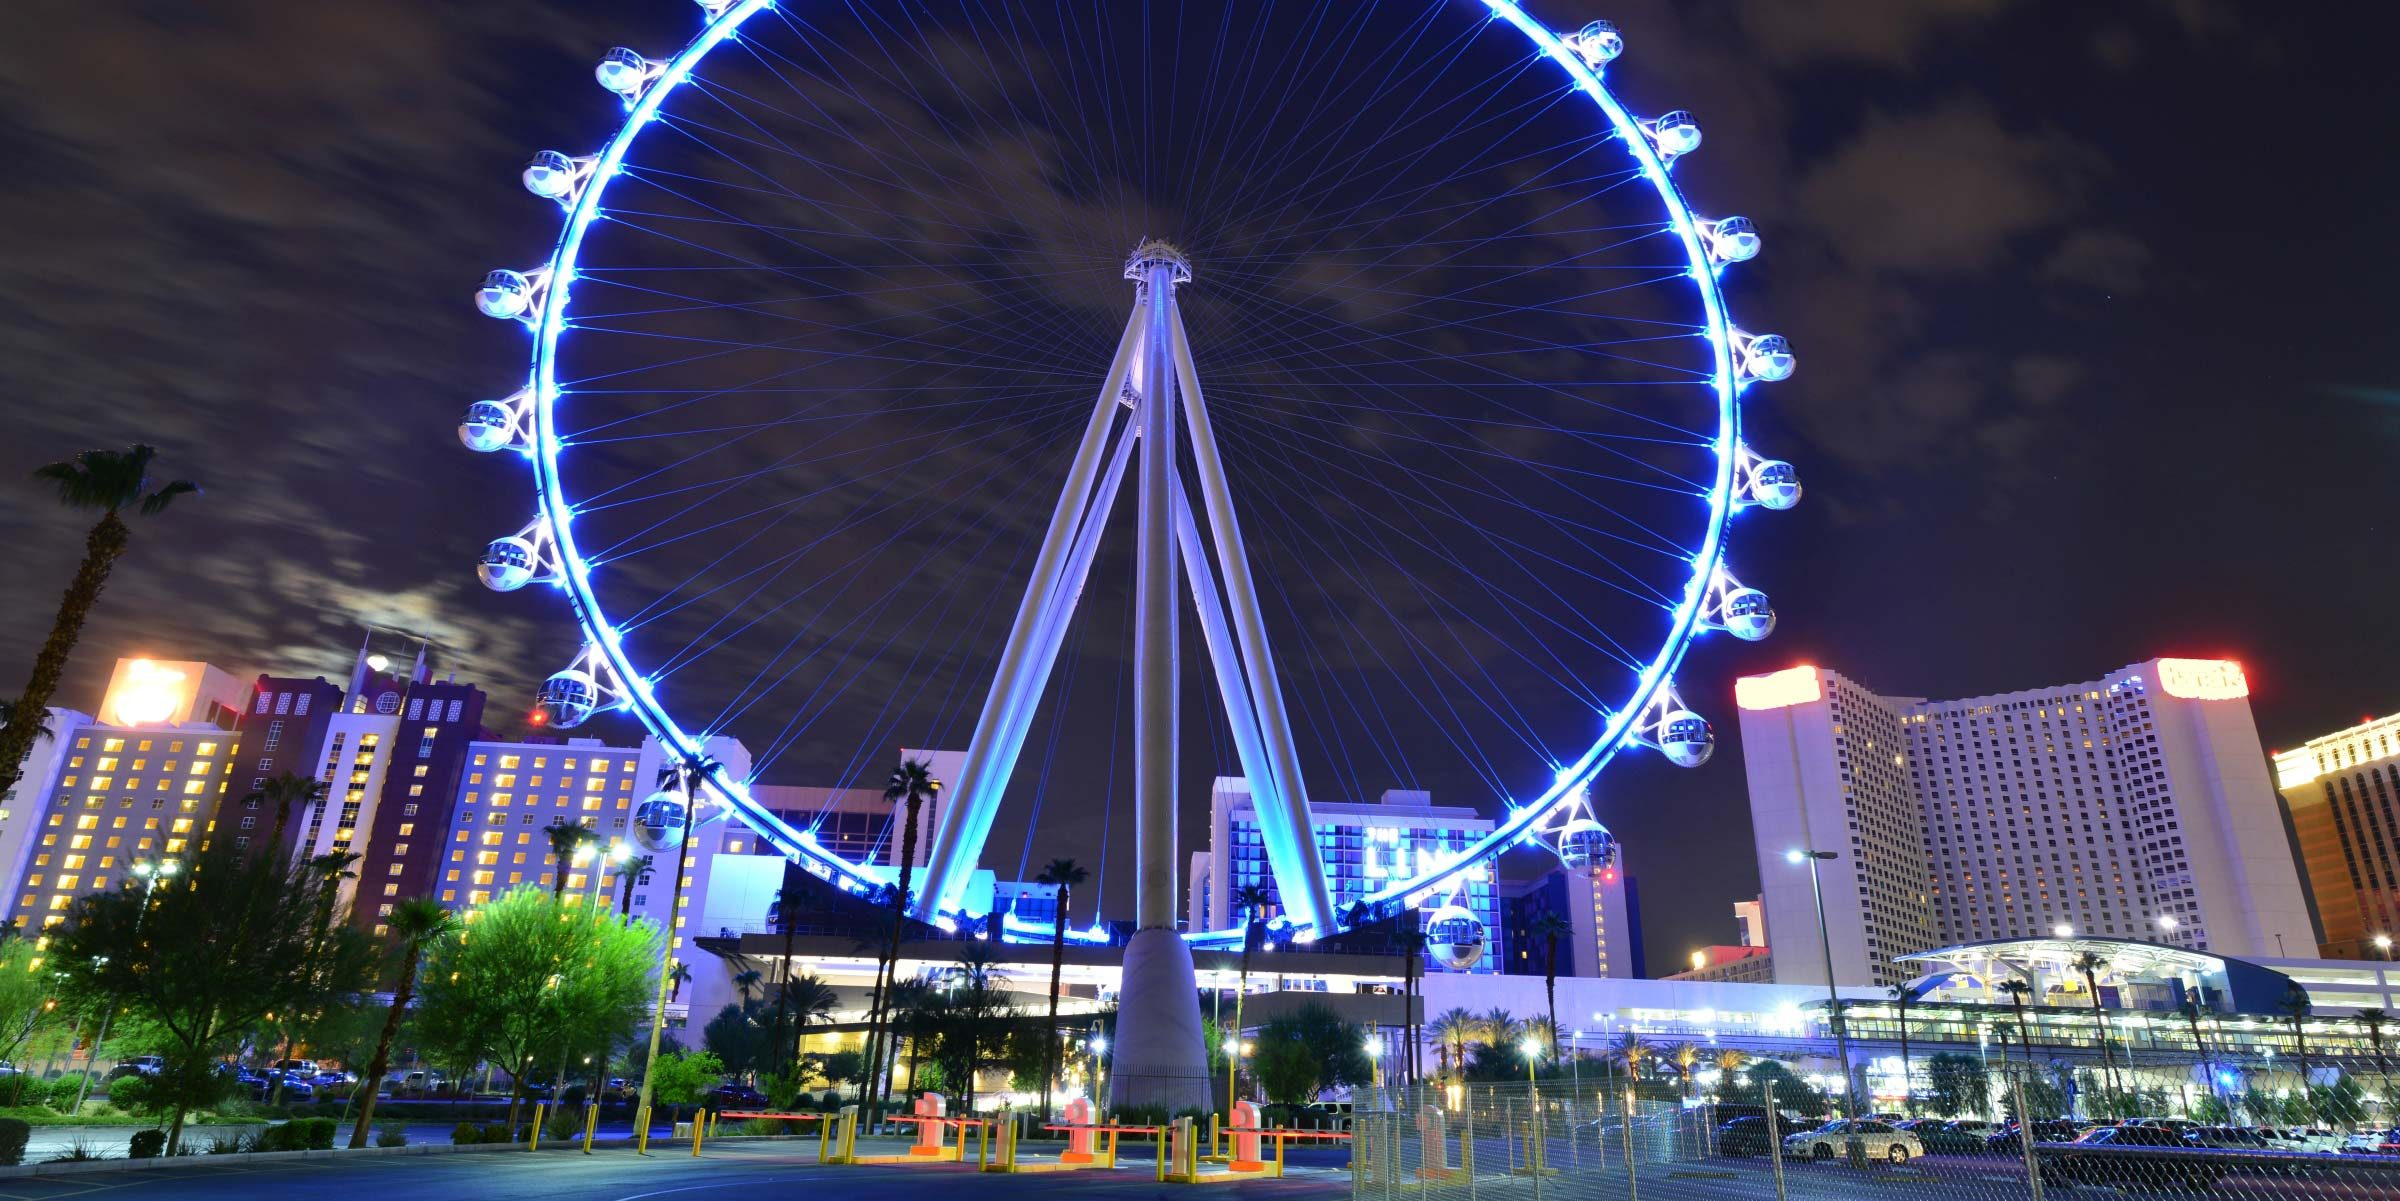 Las Vegas bei Nacht ist eine absolute Attraktion